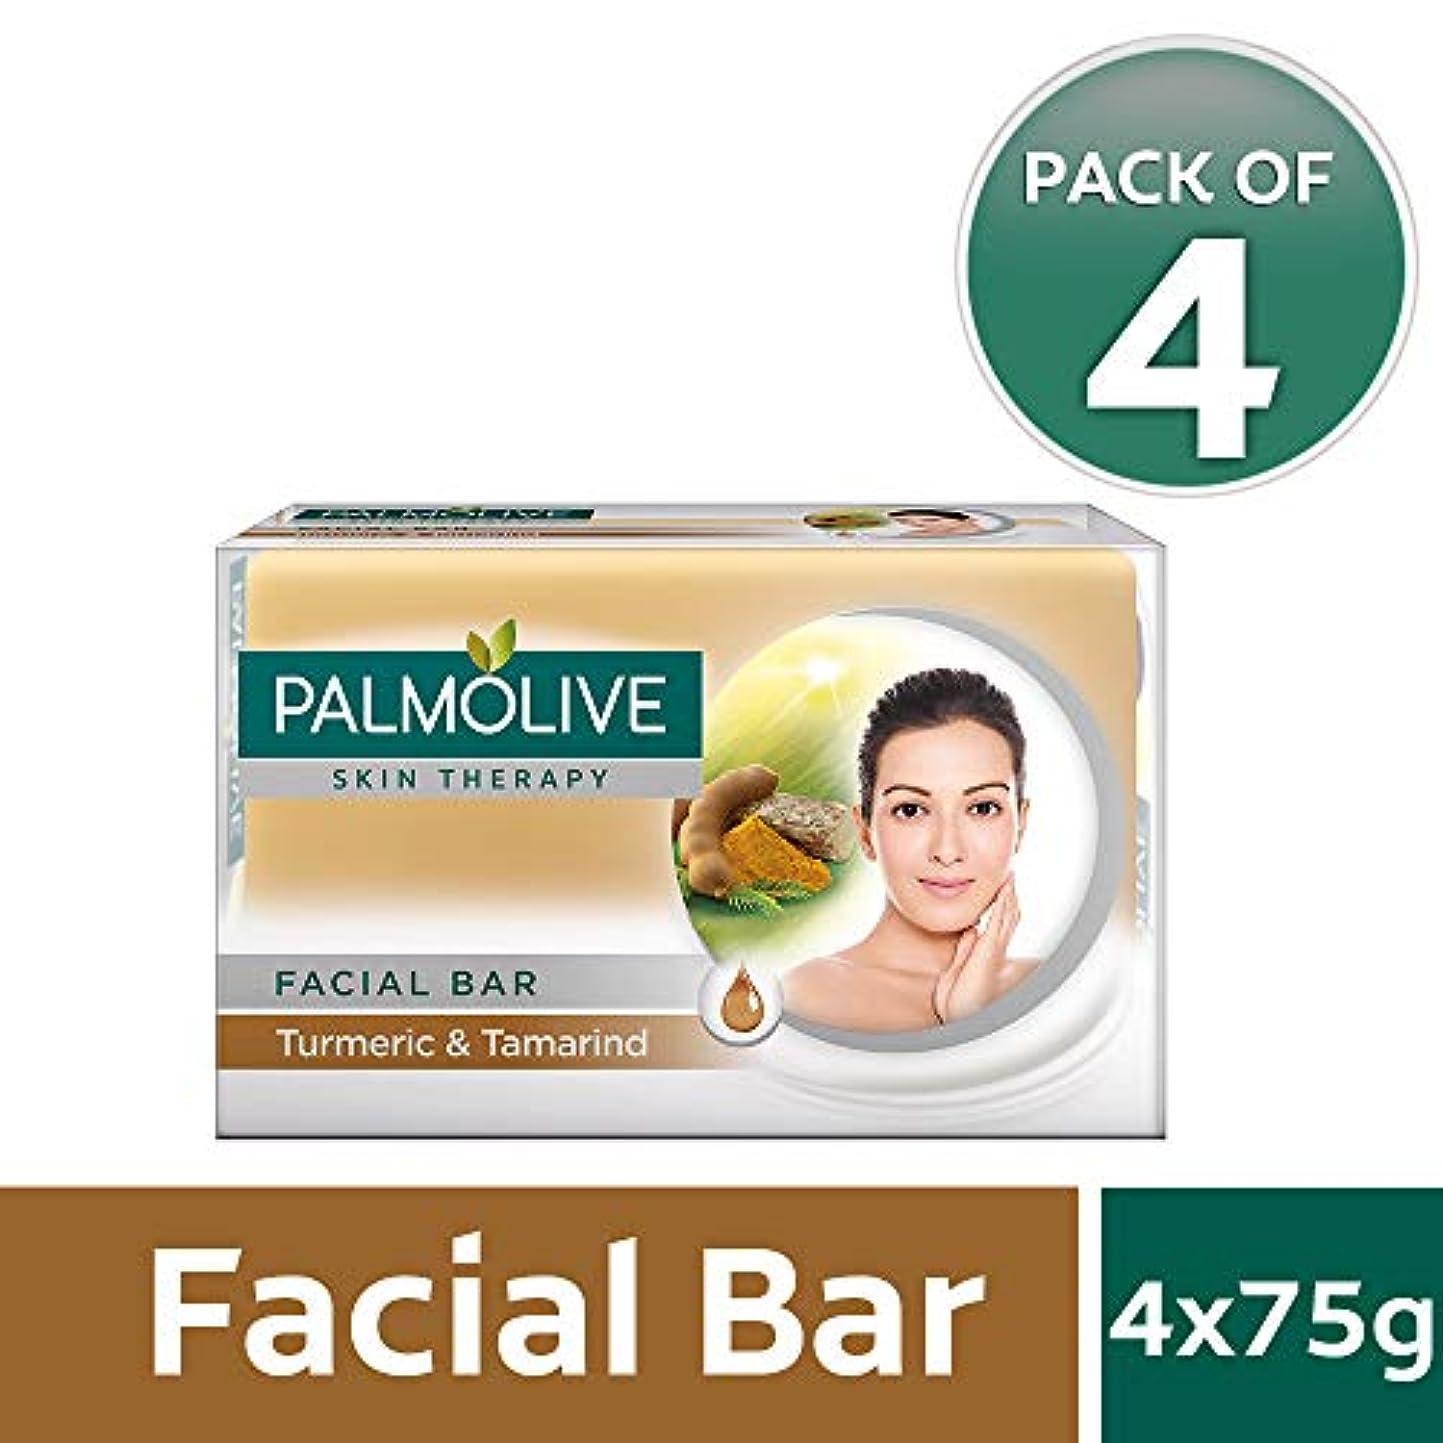 テレビ涙が出るペパーミントPalmolive Skin Therapy Facial Bar Soap with Turmeric and Tamarind - 75g (Pack of 4)